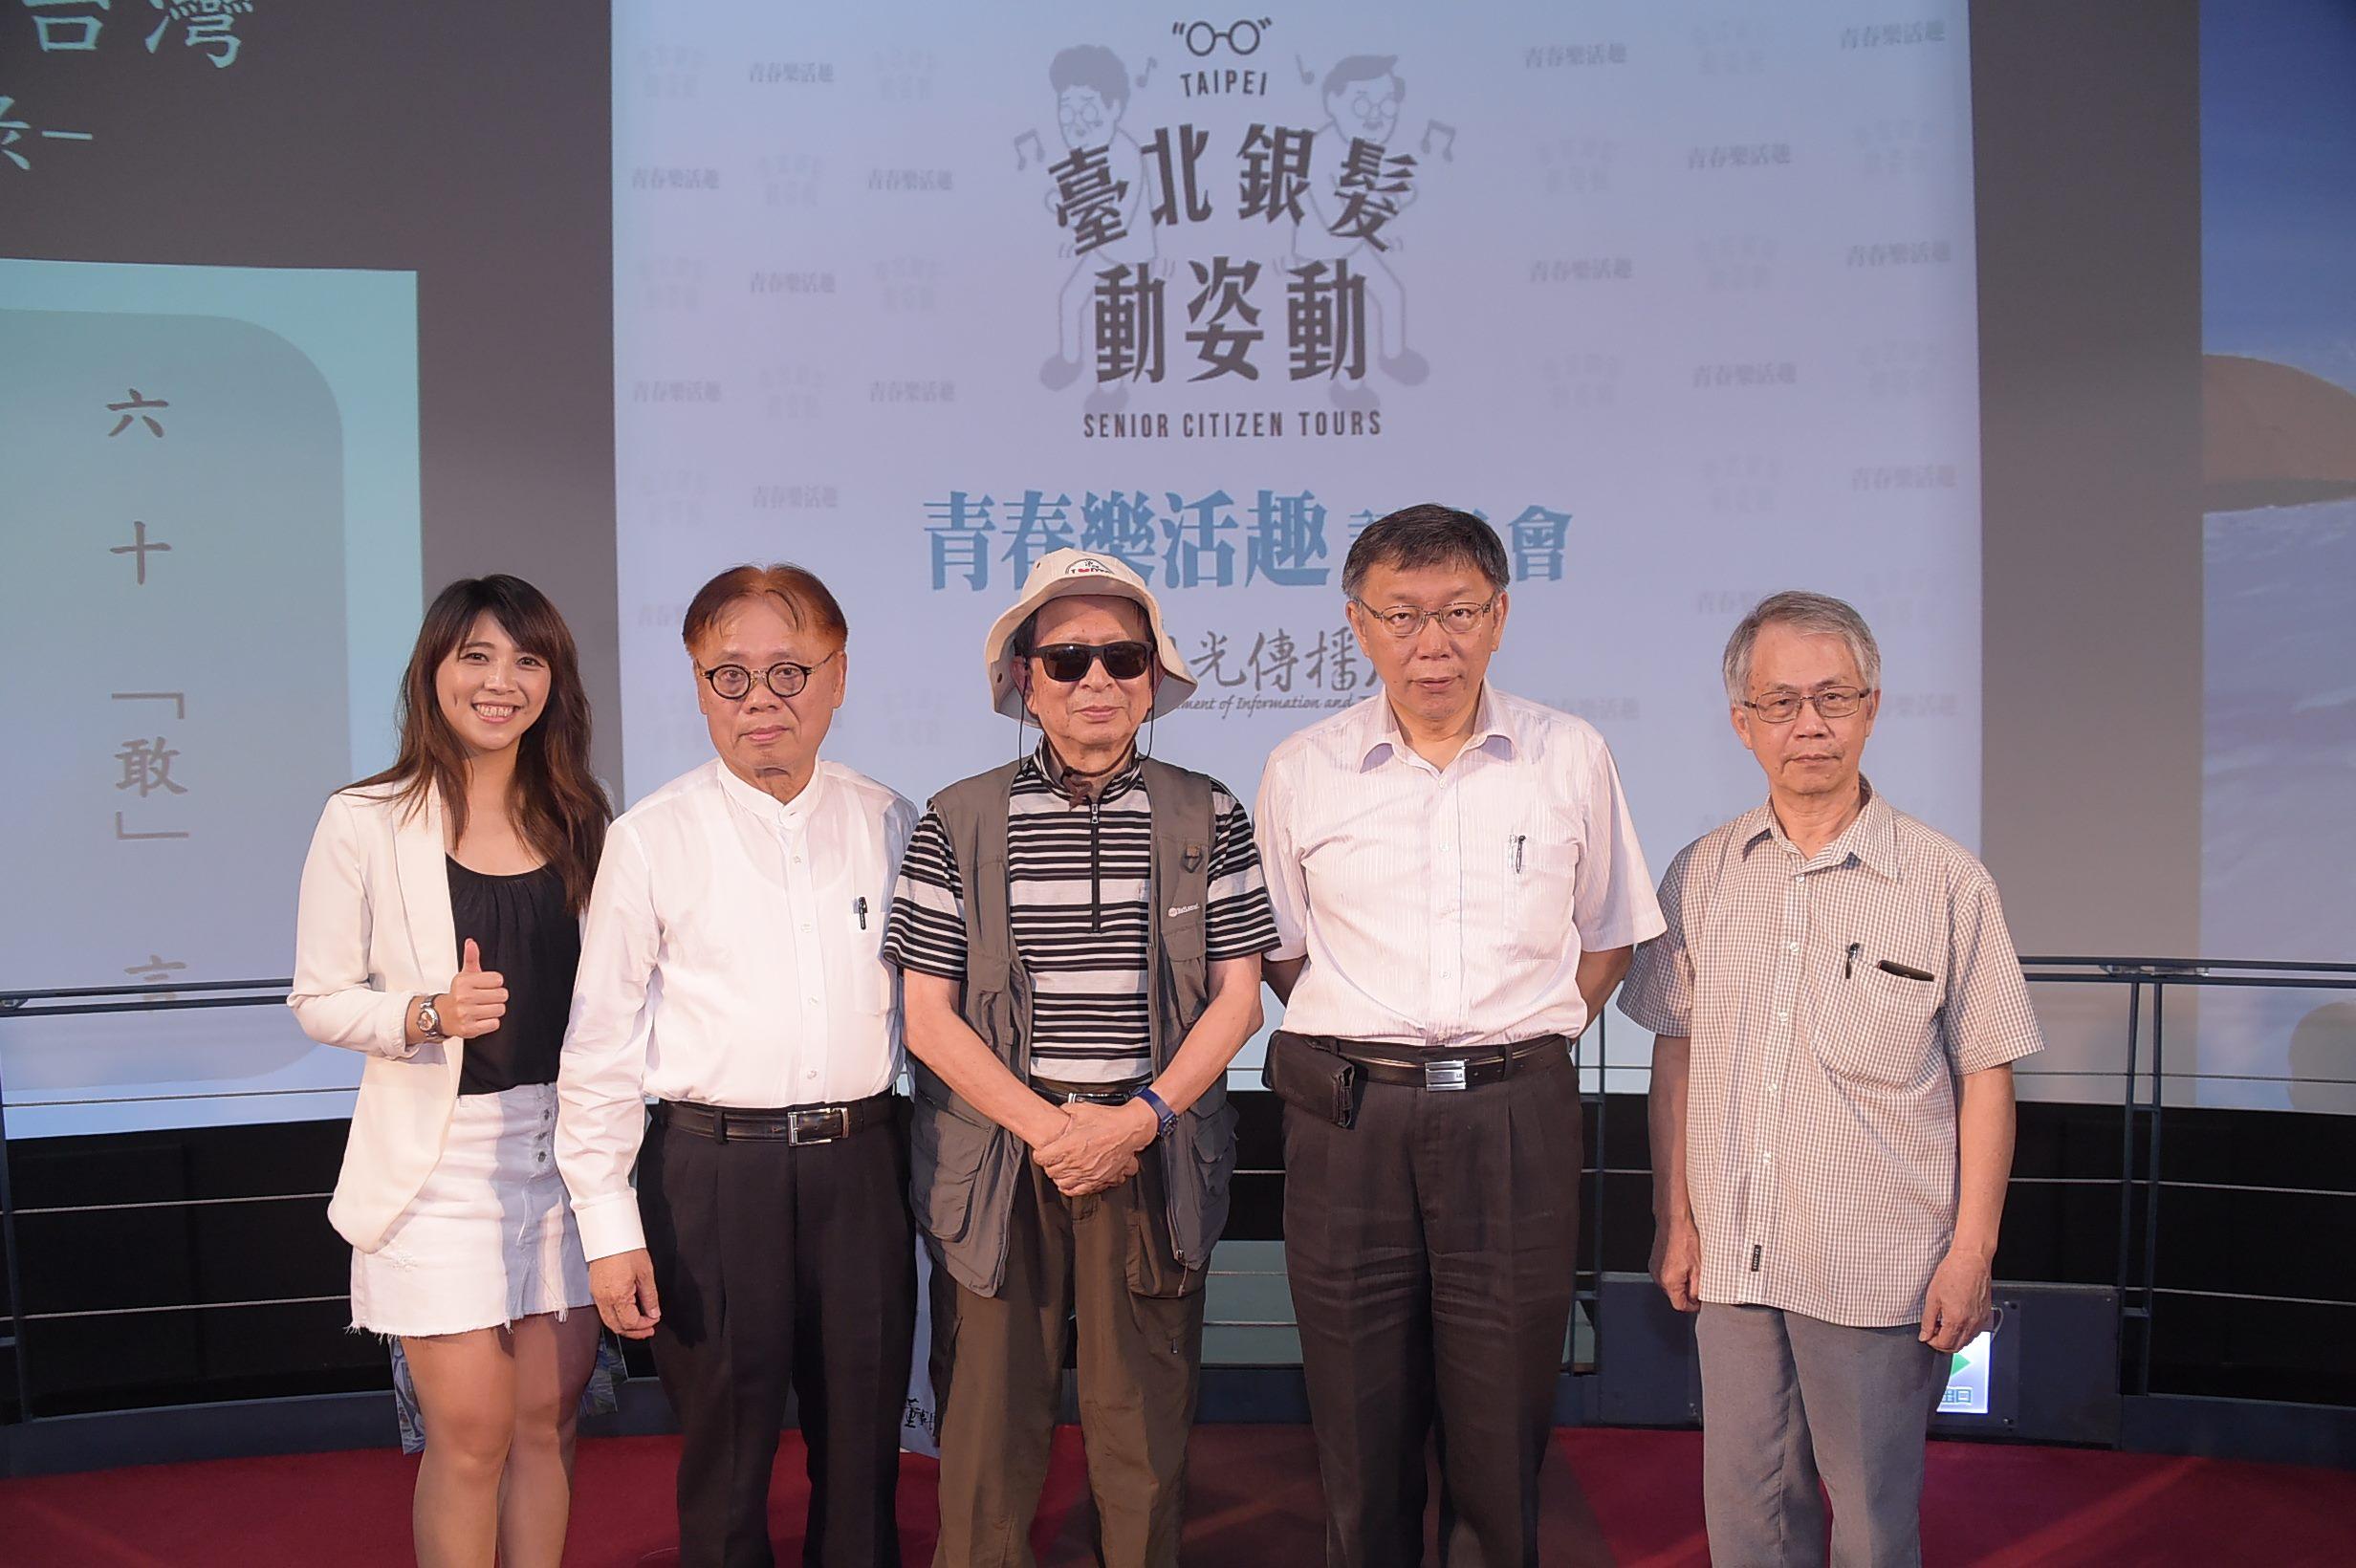 戴勝通(左2)陳維滄(中)劉明哲(右1)到場分享銀髮動姿動與市長柯文哲(右2)、局長陳思宇(左1)一起合影。(劉佳雯攝)